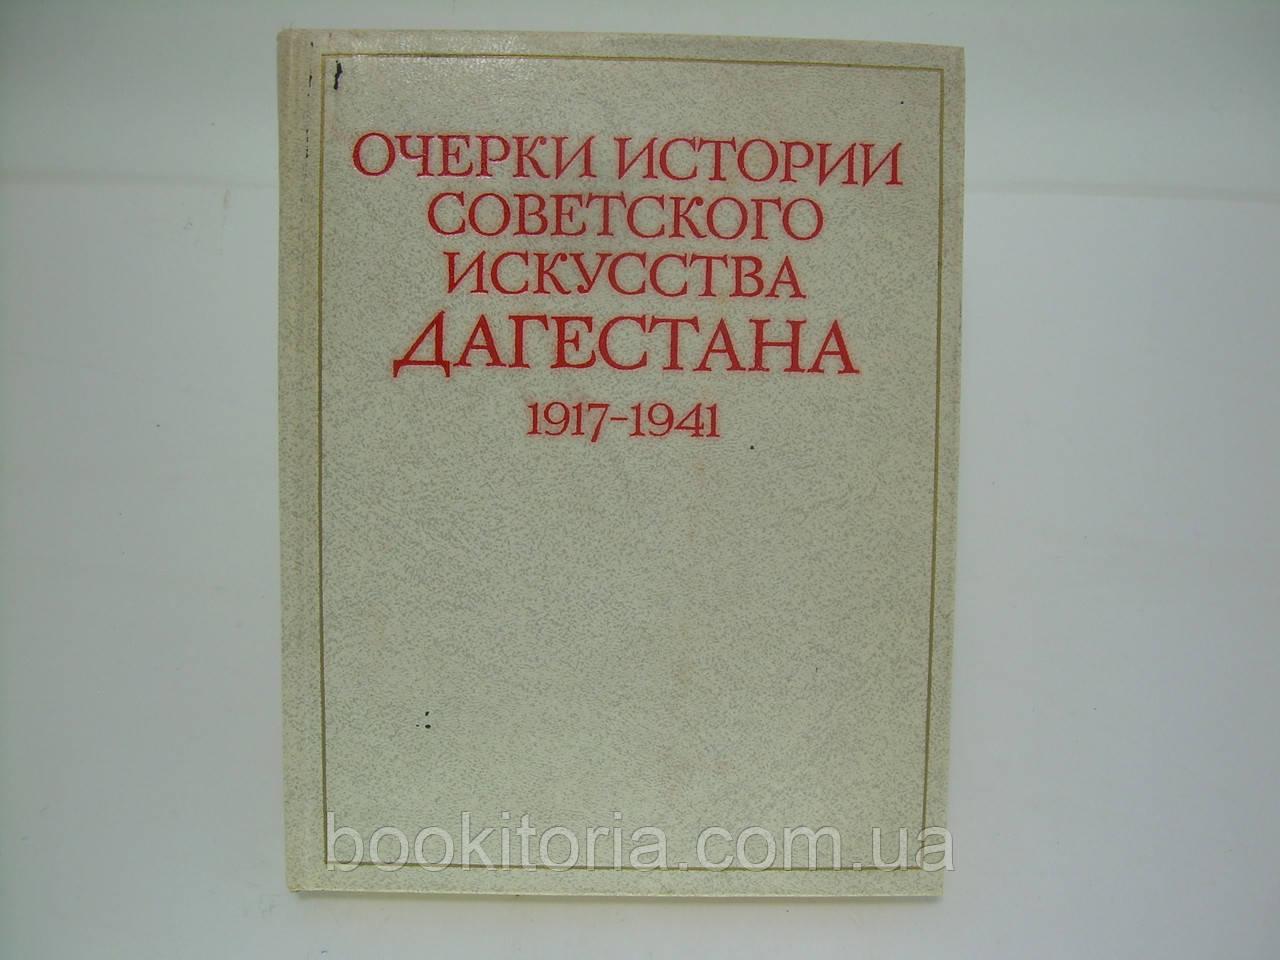 Очерки истории советского искусства Дагестана. 1917-1941 (б/у).